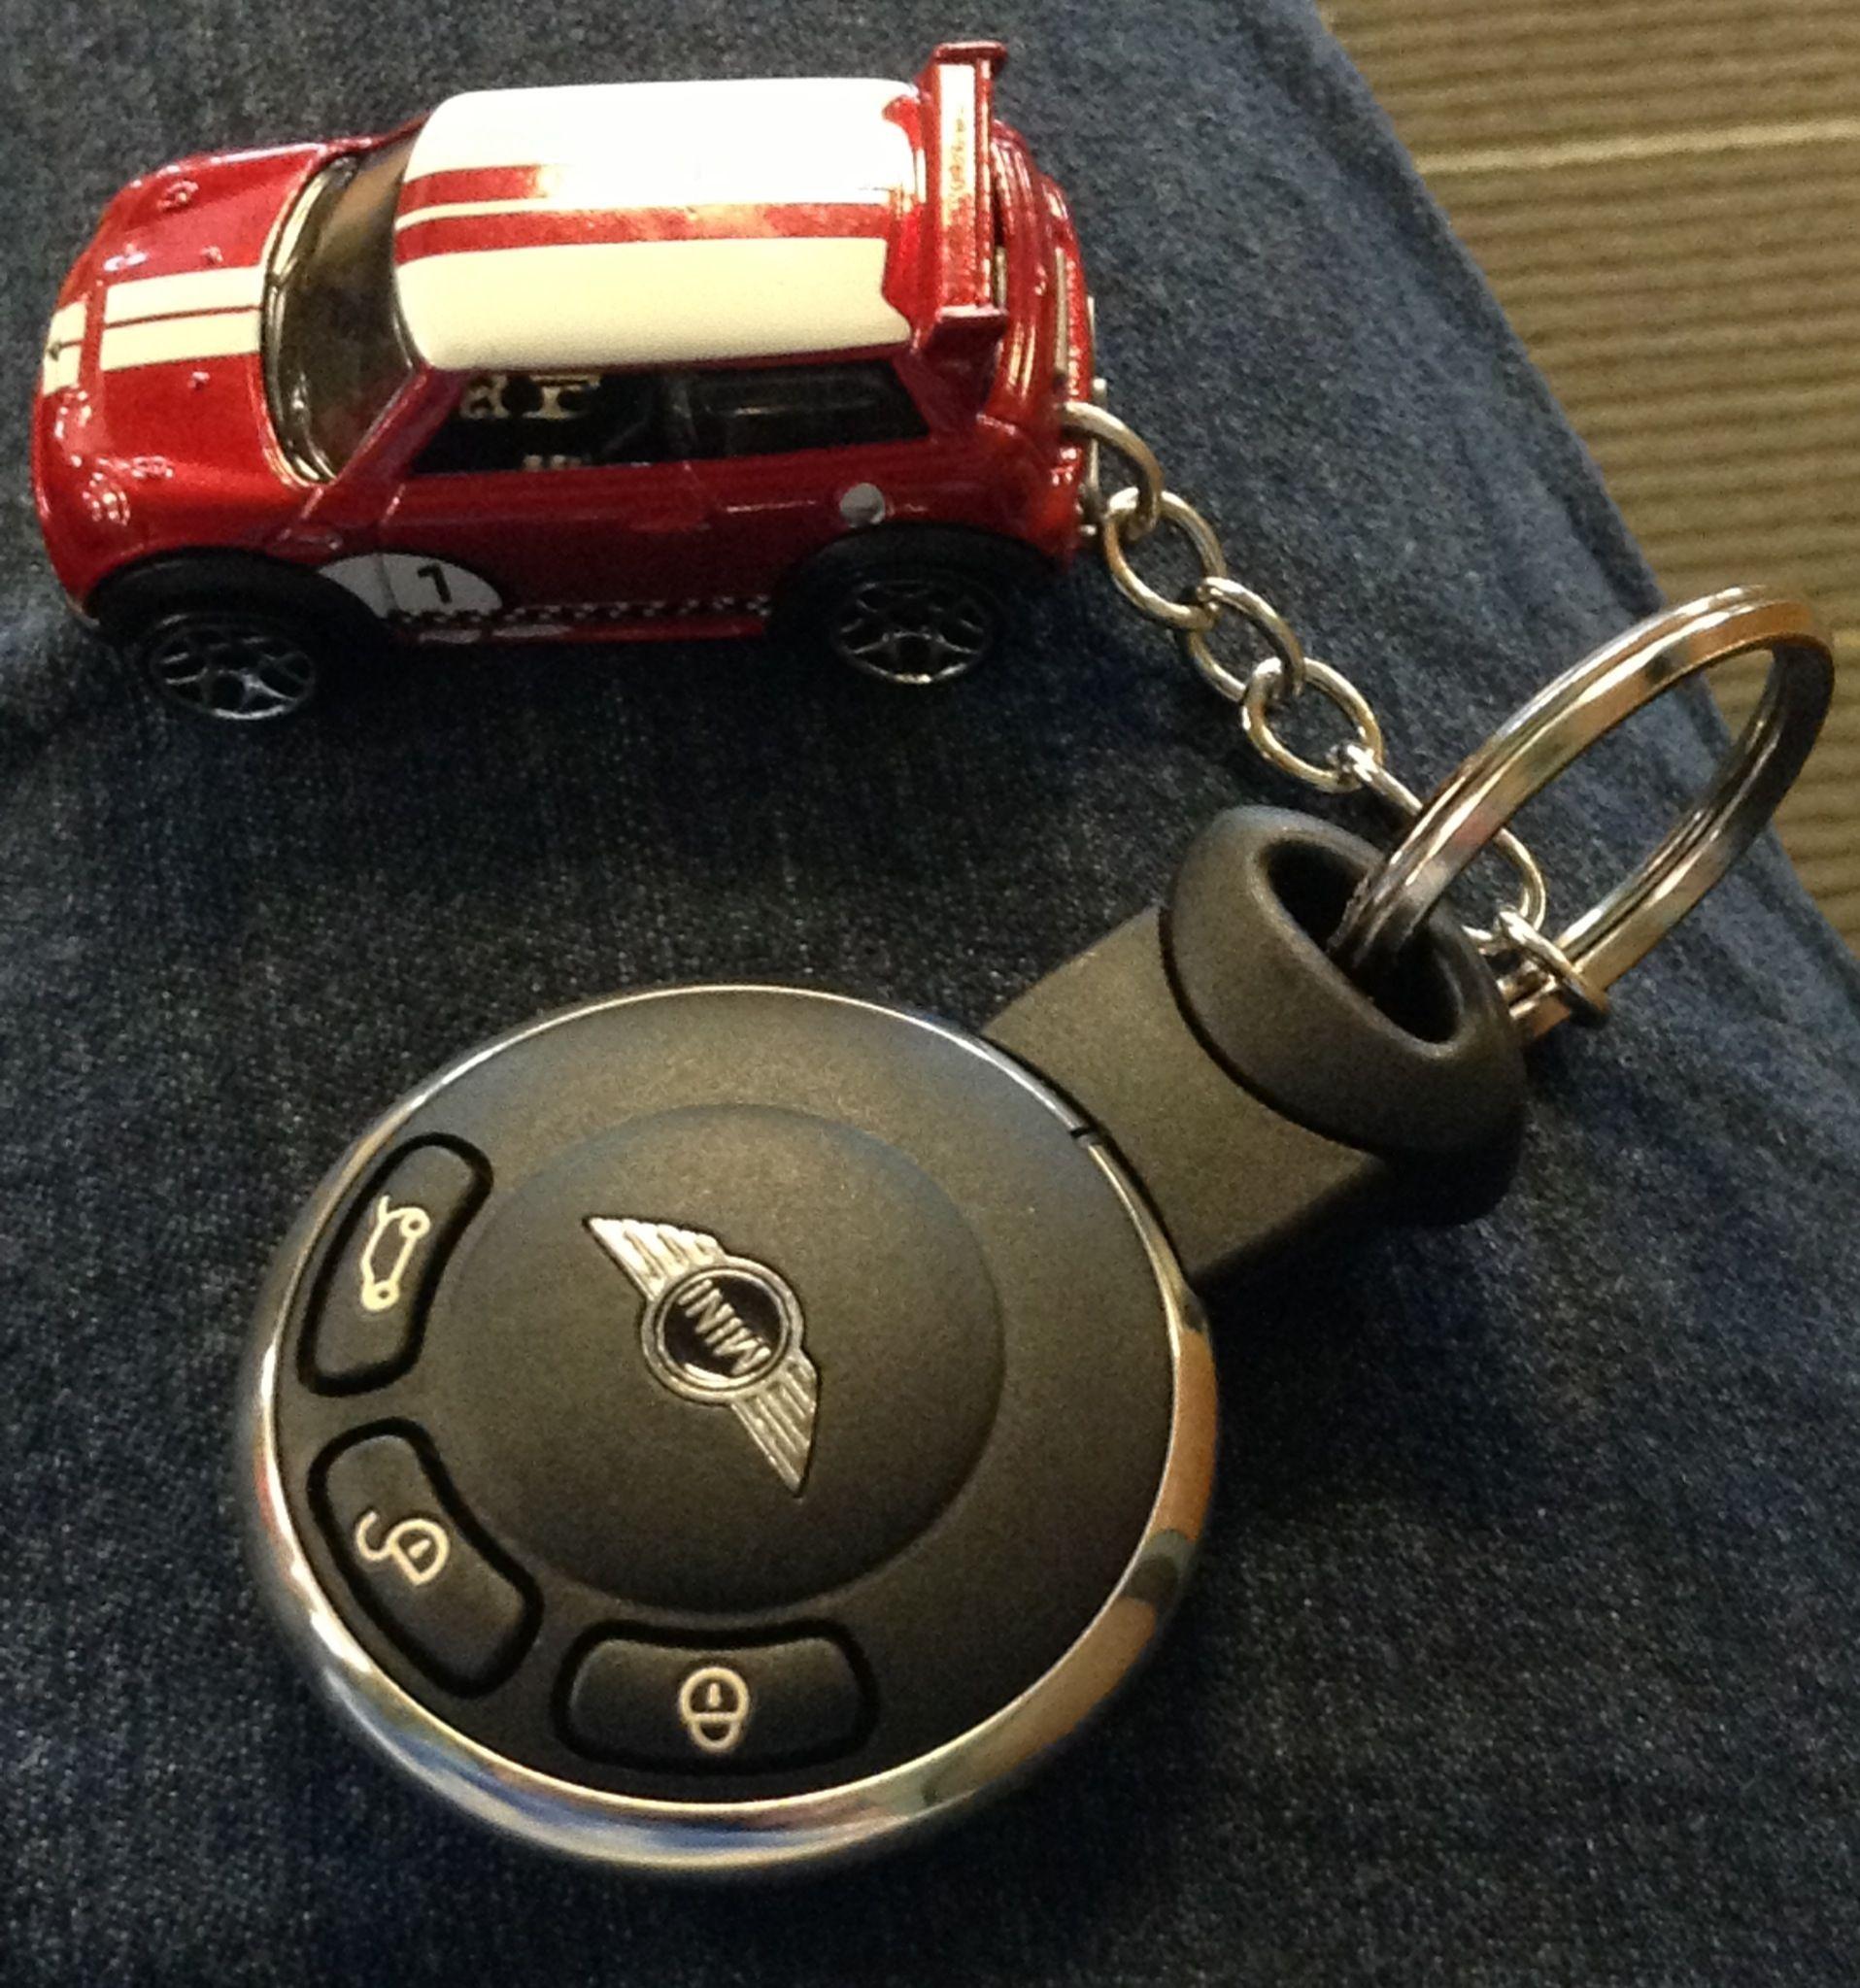 Pin By Tori Michaels On Mini Coopers Mini Cooper Accessories Mini Cooper For Sale Used Mini Cooper